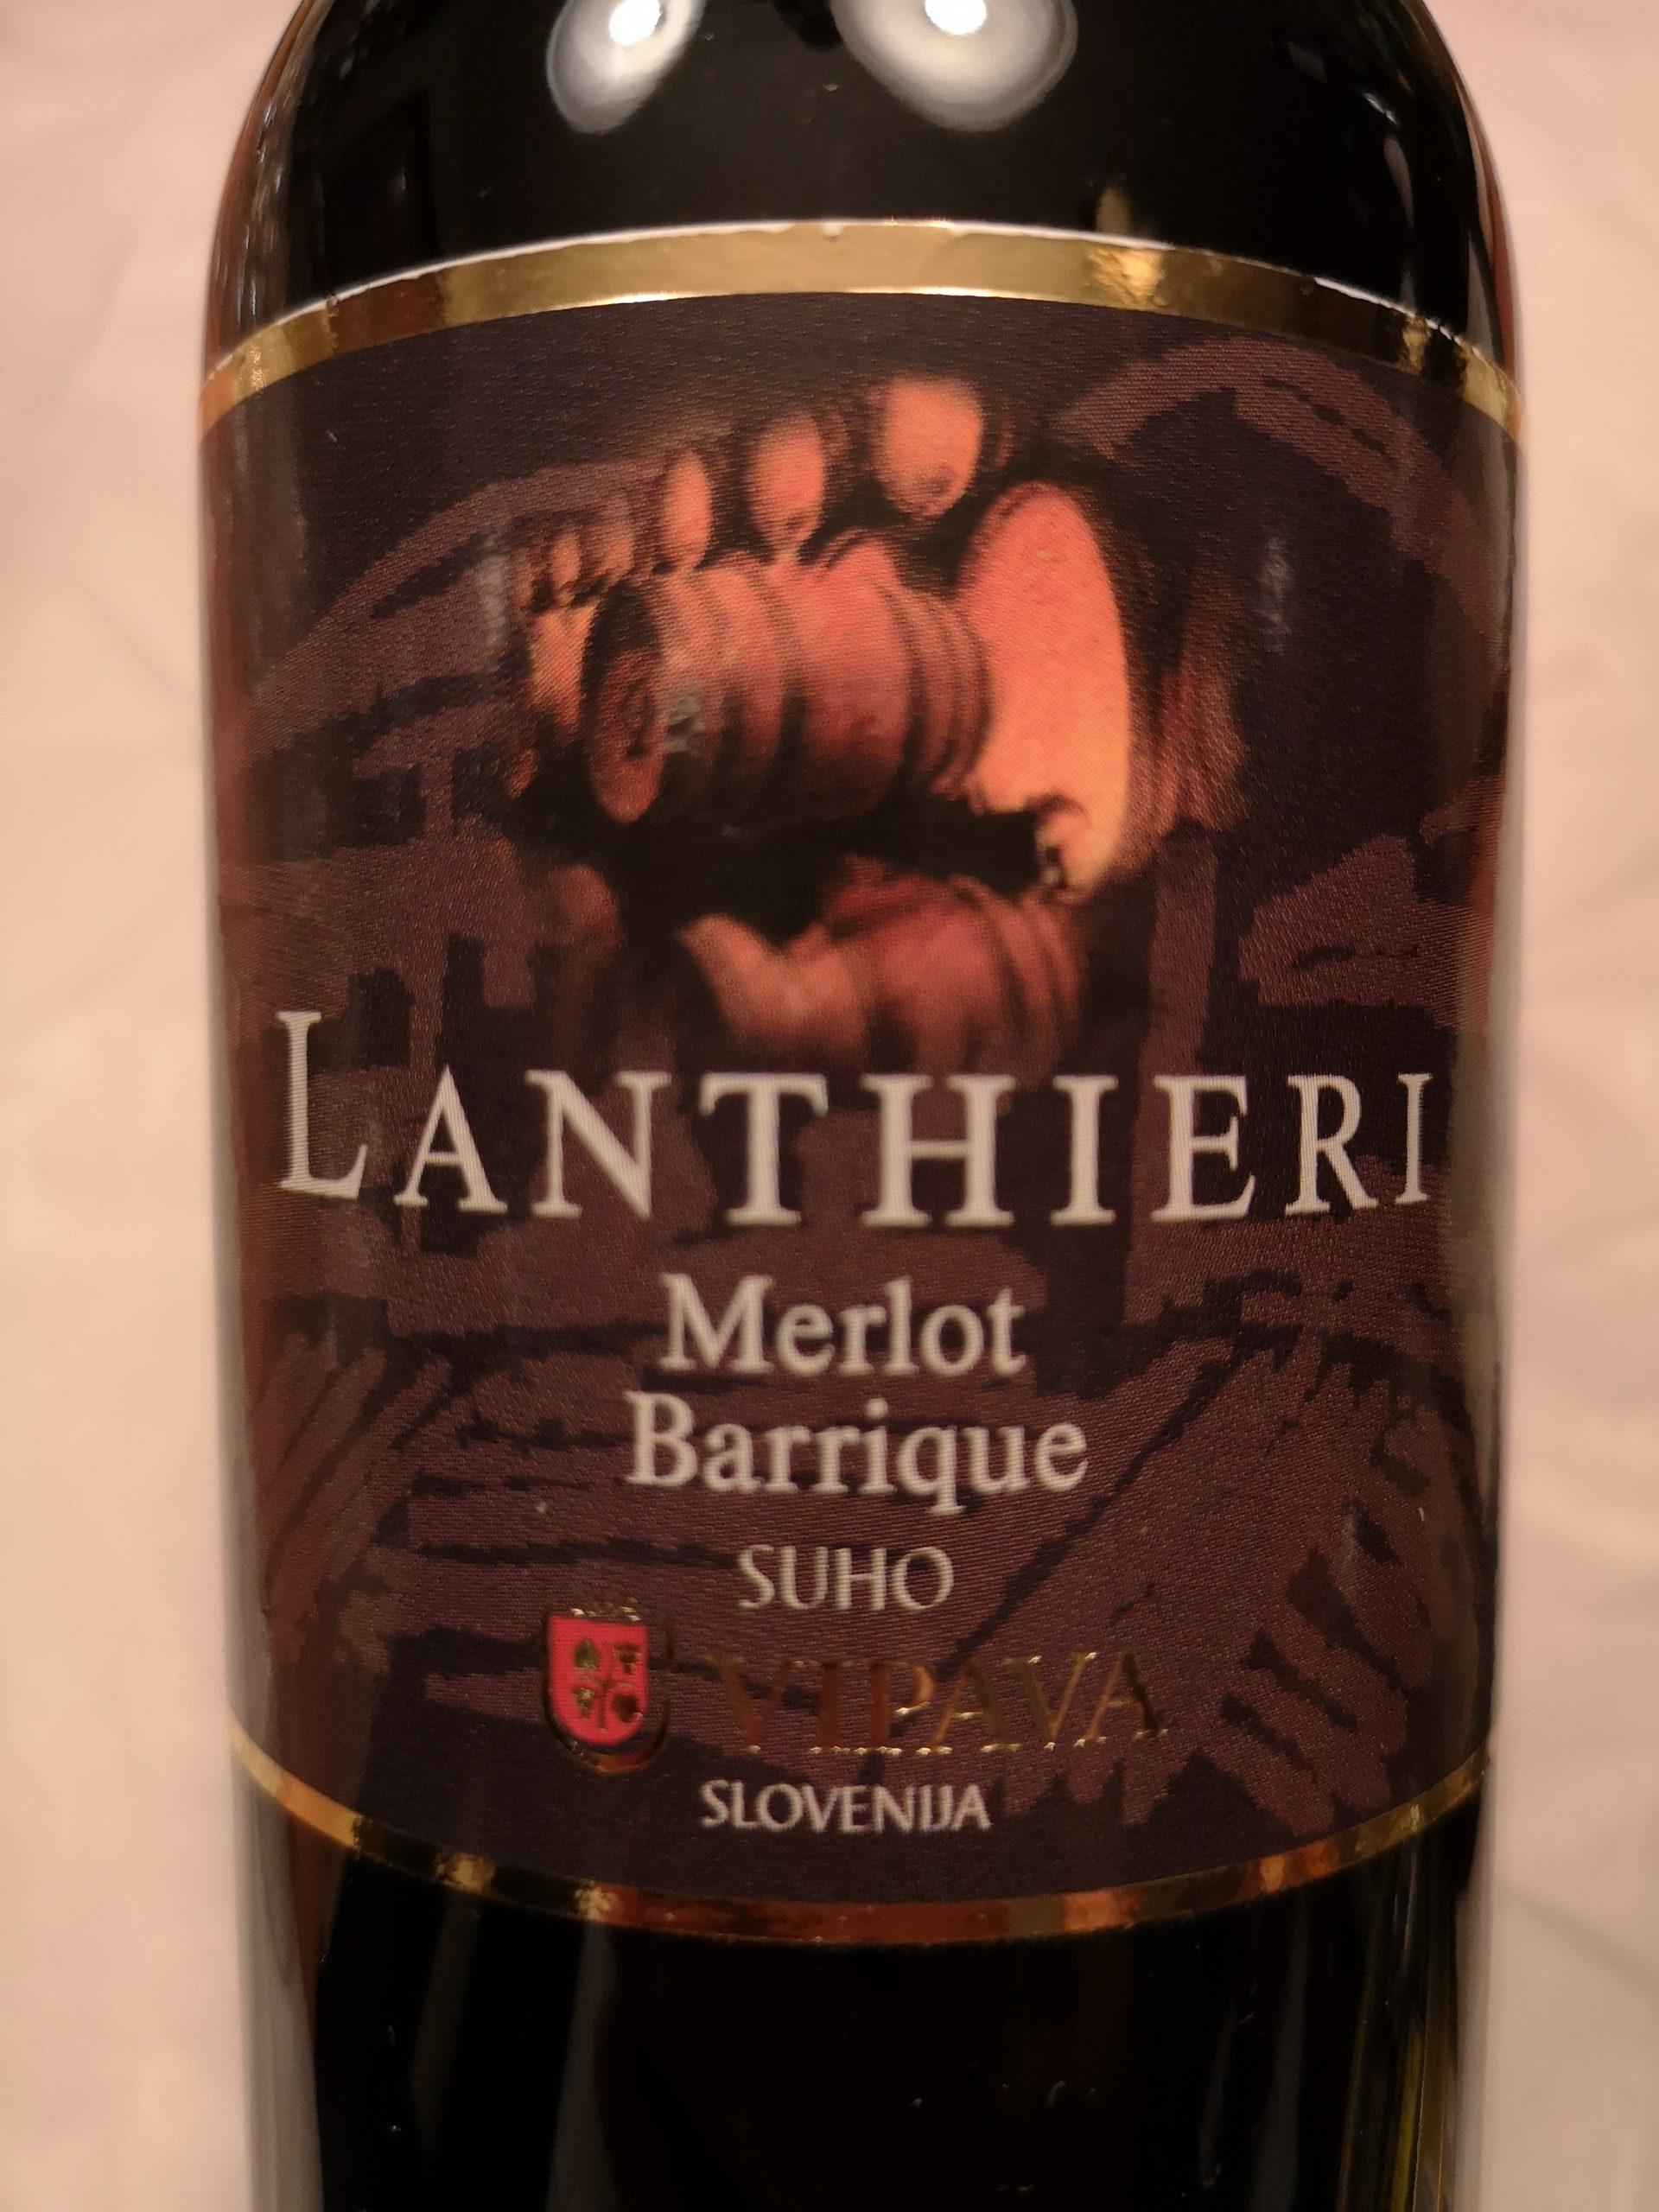 1996 Merlot Barrique Lanthieri | Vipava